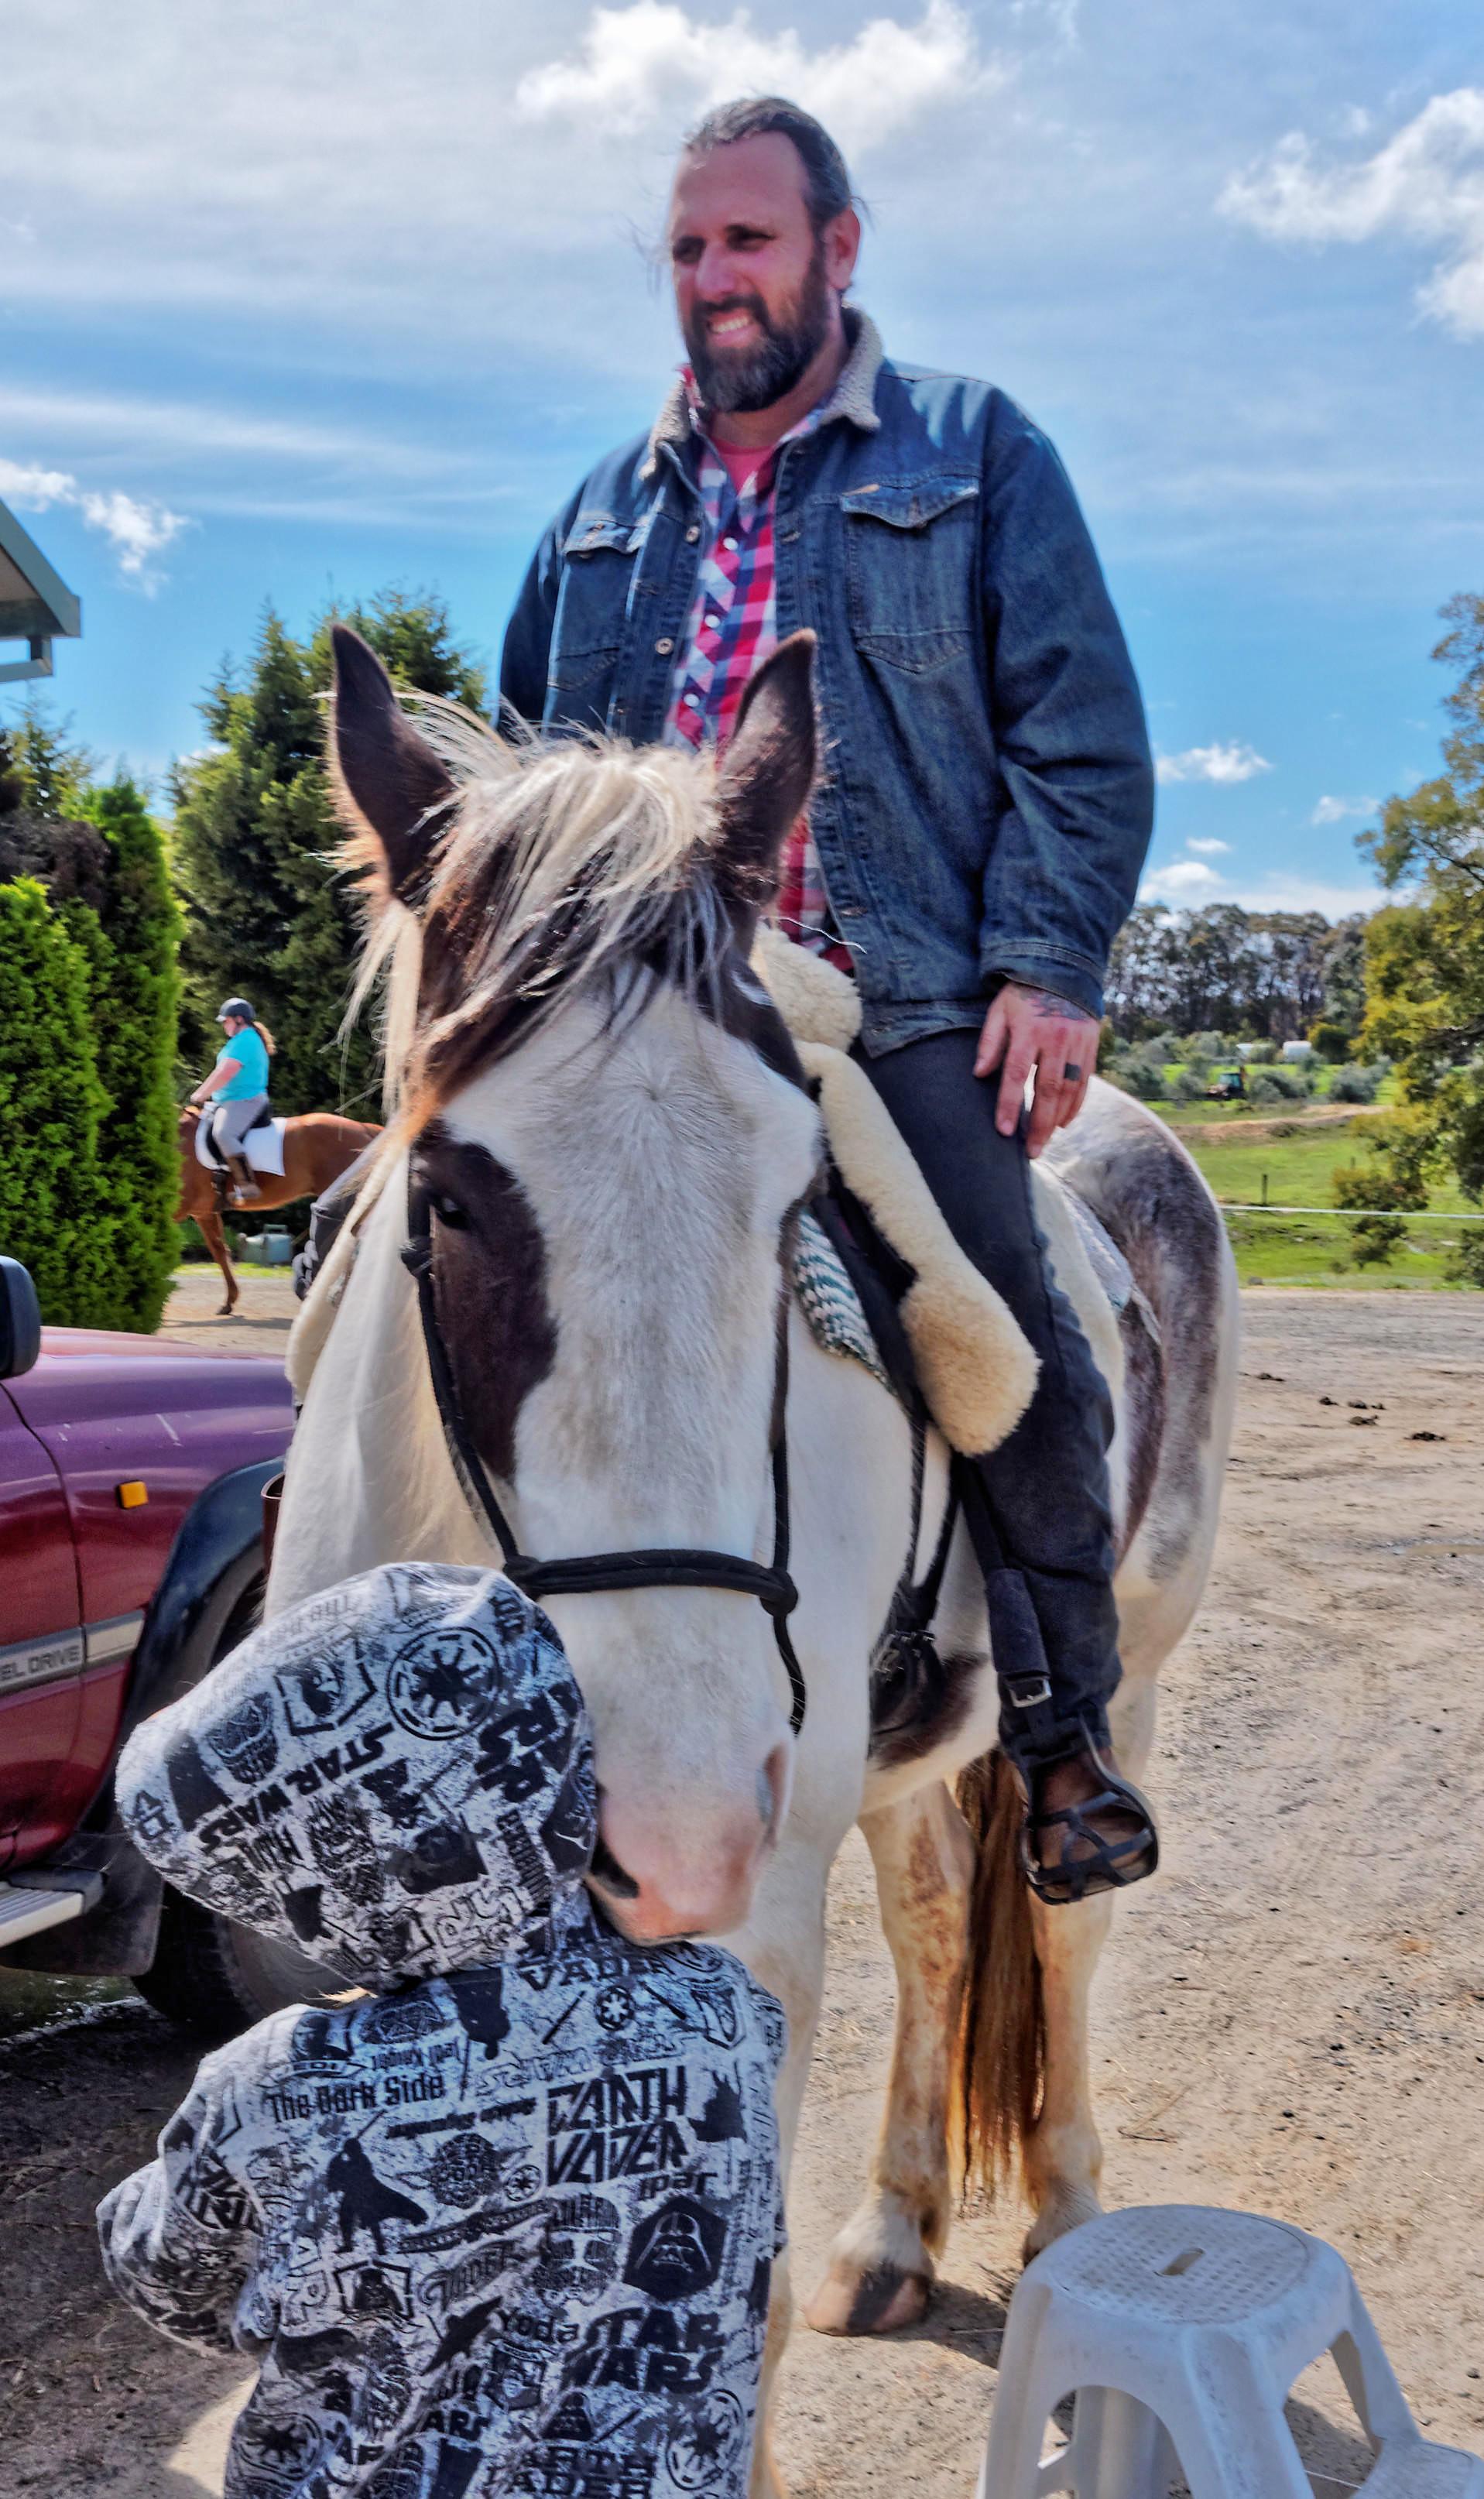 saddle-fitting-6.jpeg